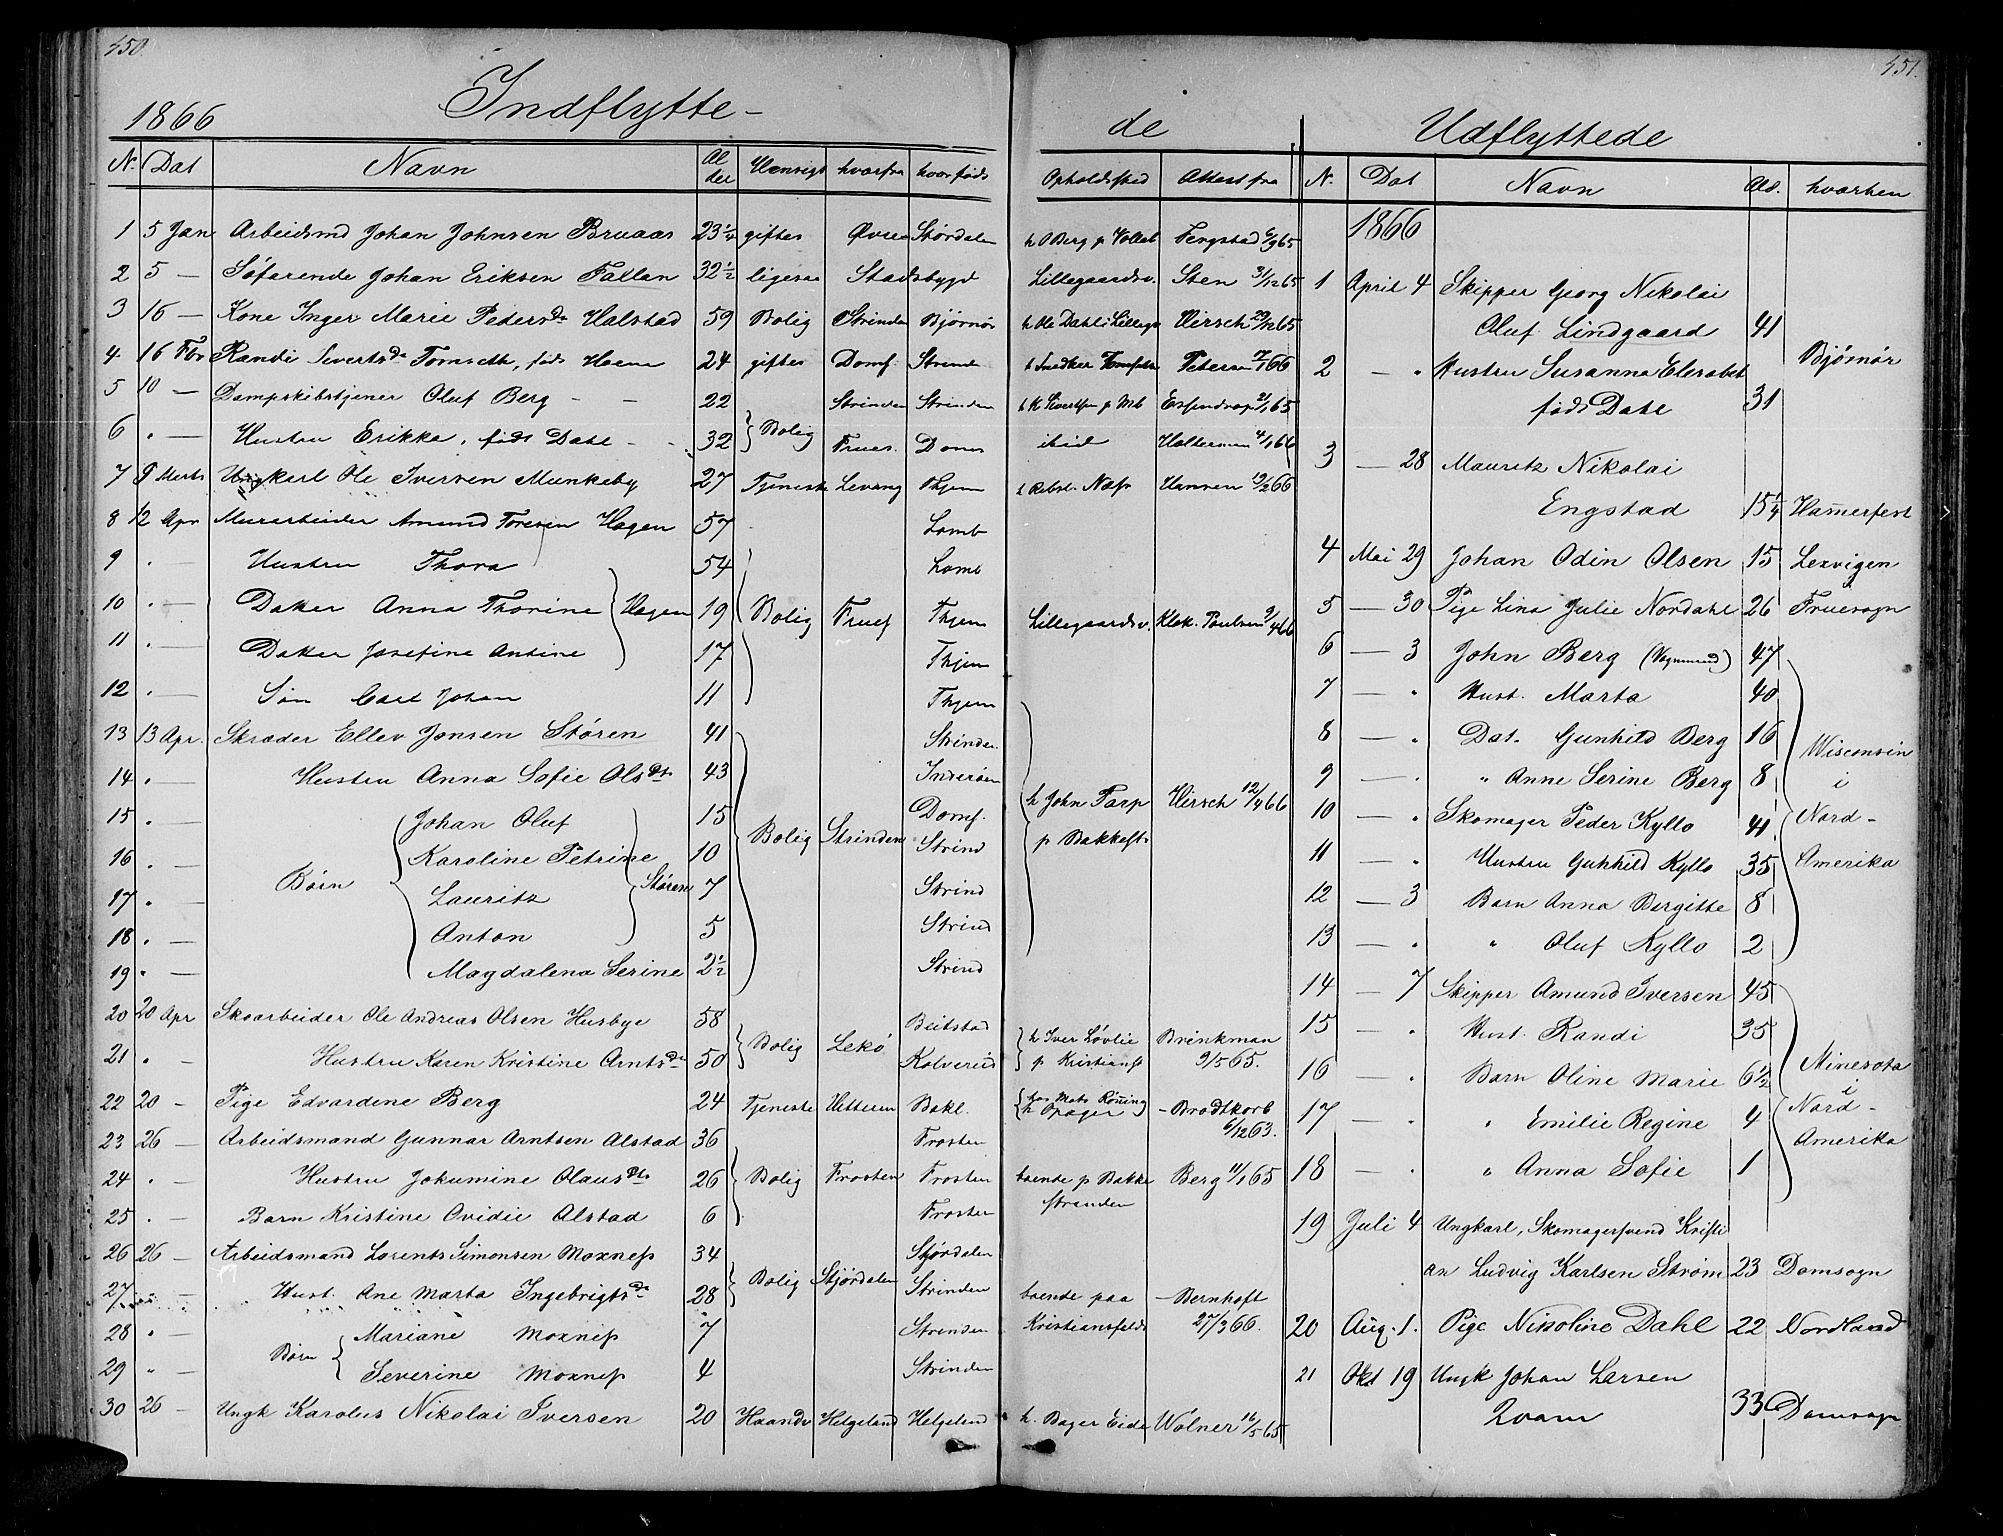 SAT, Ministerialprotokoller, klokkerbøker og fødselsregistre - Sør-Trøndelag, 604/L0219: Klokkerbok nr. 604C02, 1851-1869, s. 450-451